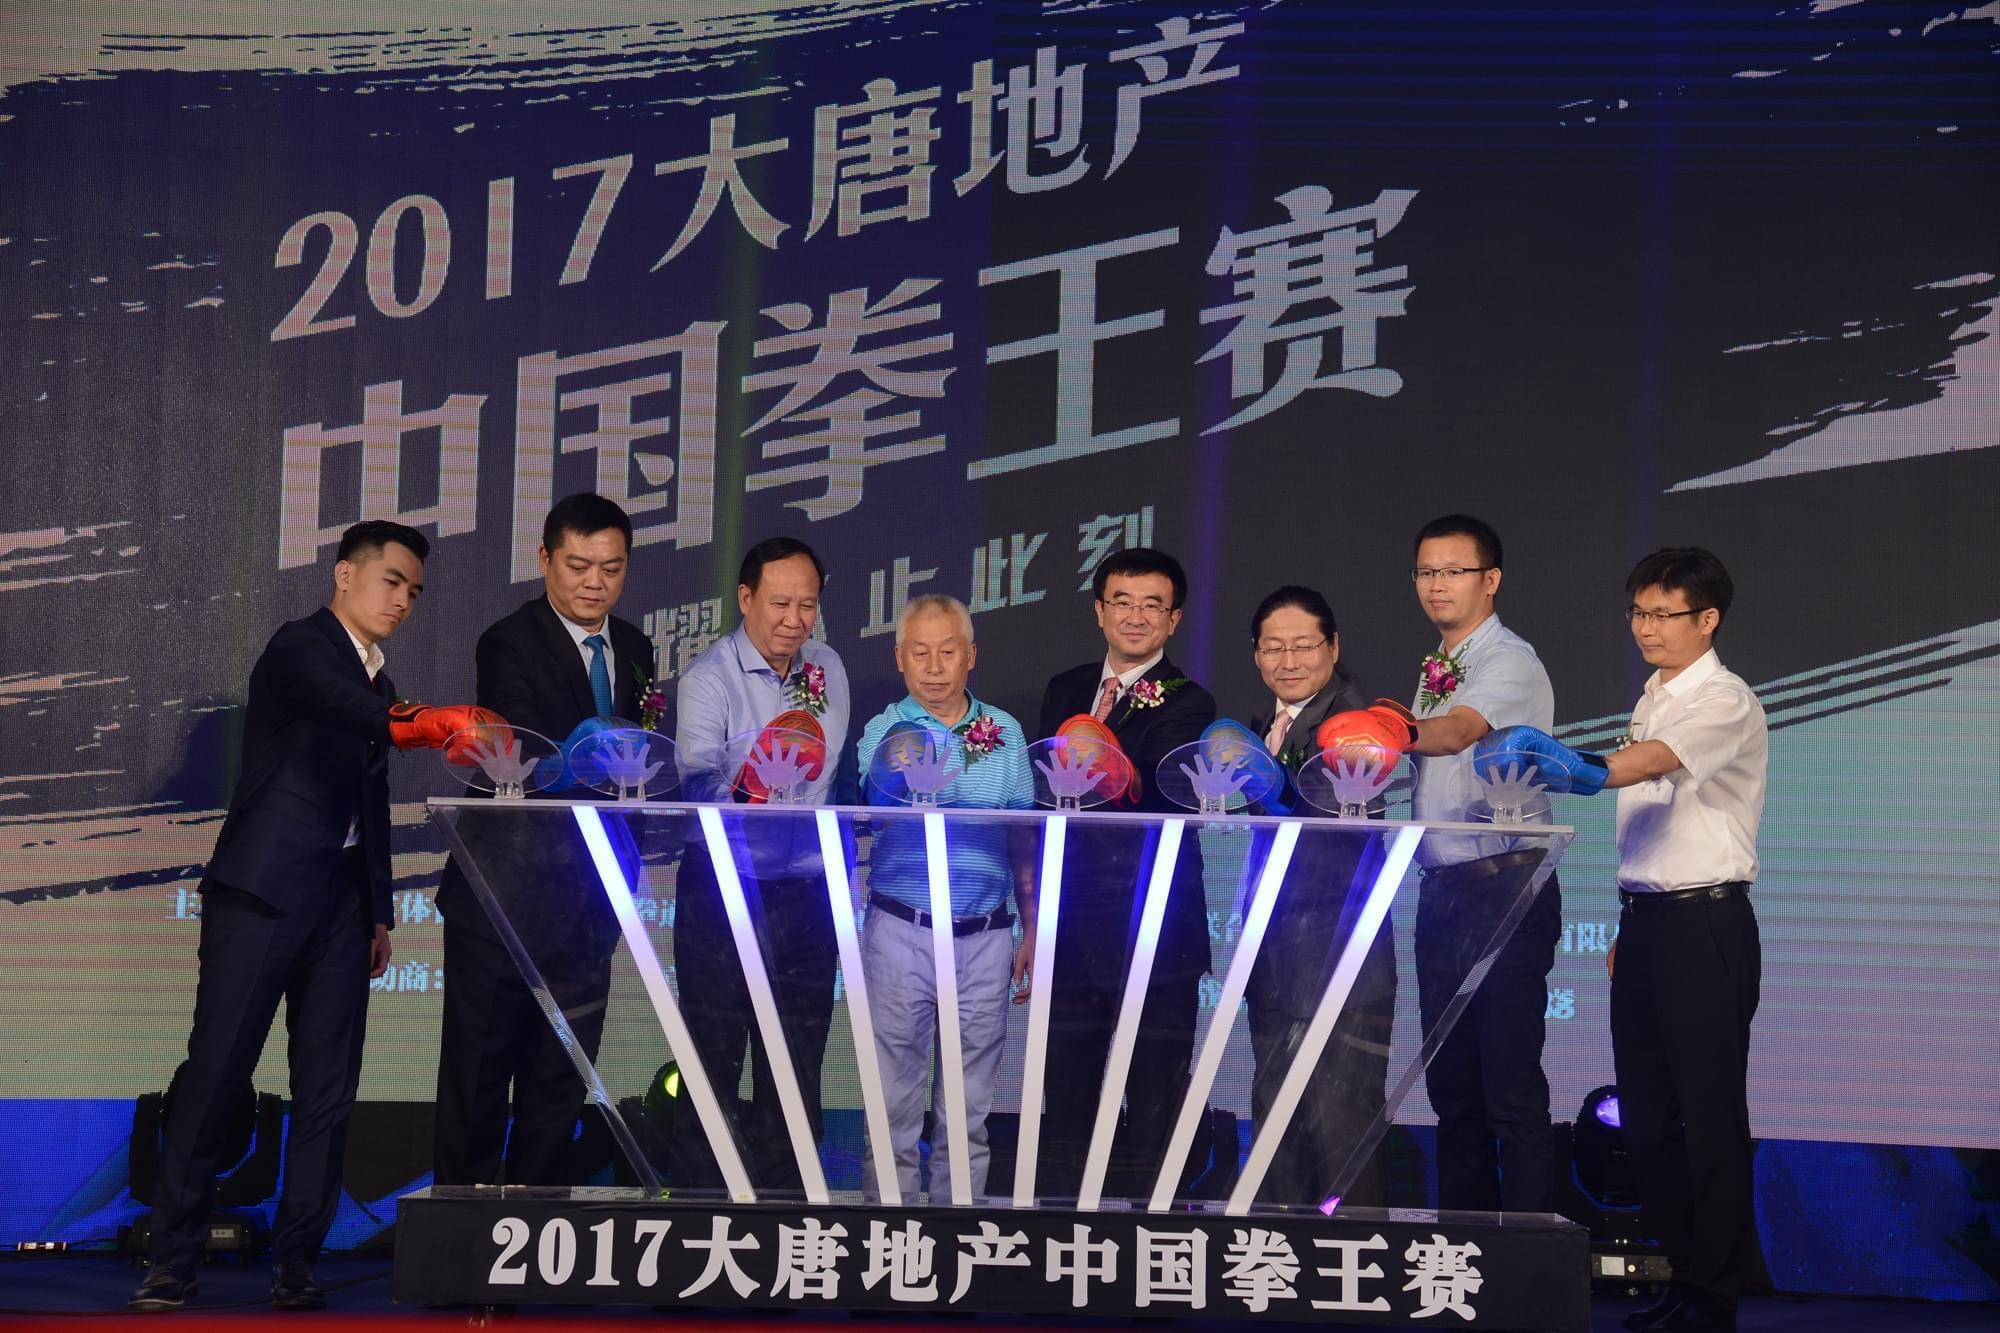 吴迪:践行全民健身战略 打造中国拳击世界级IP